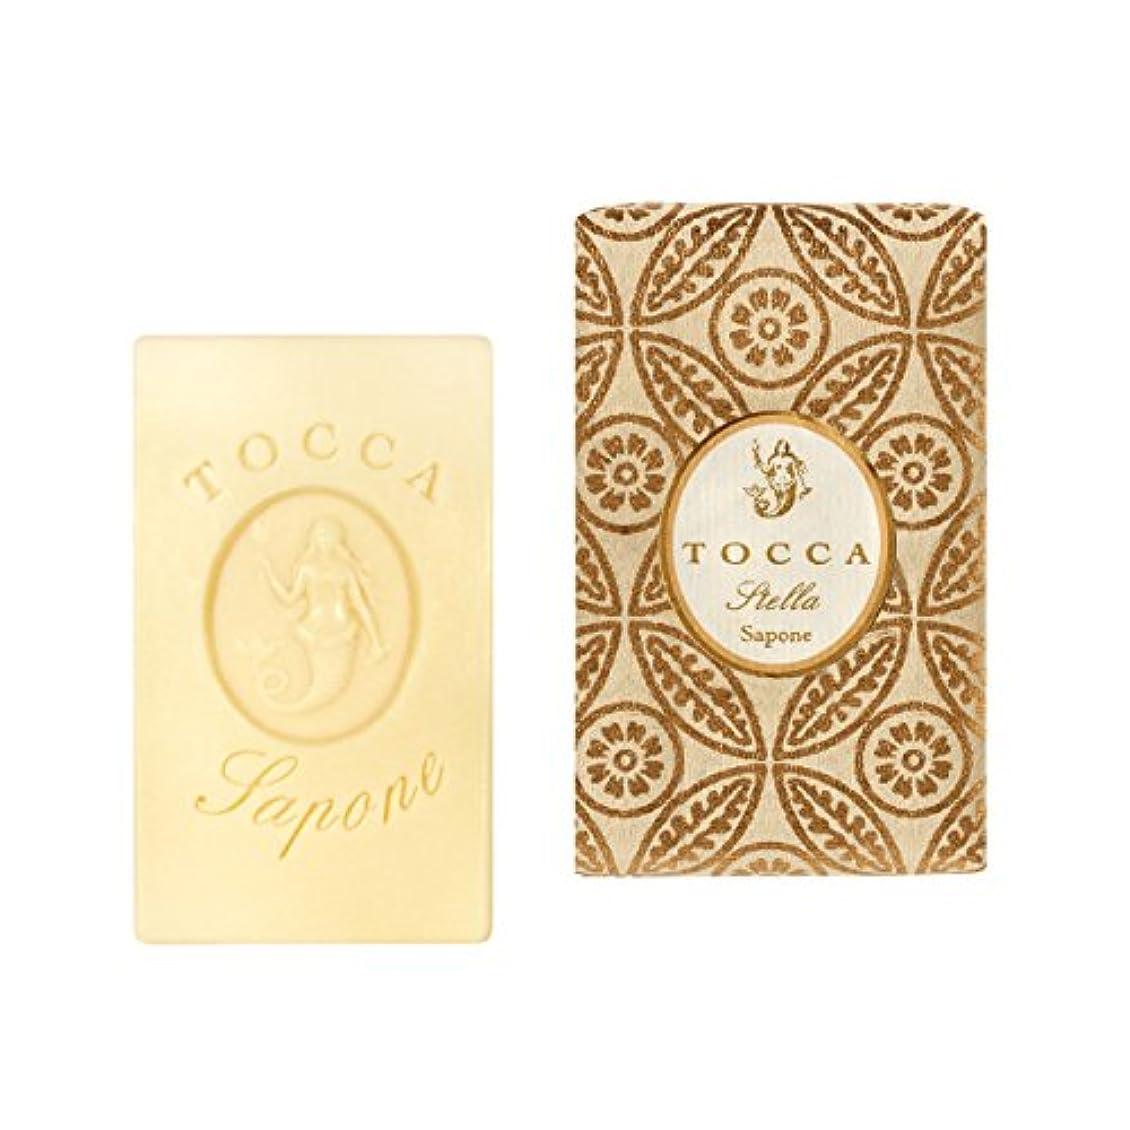 関係反応する格納トッカ(TOCCA) ソープバー ステラの香り 113g(石けん 化粧石けん イタリアンブラッドオレンジが奏でるフレッシュでビターな爽やかさ漂う香り)